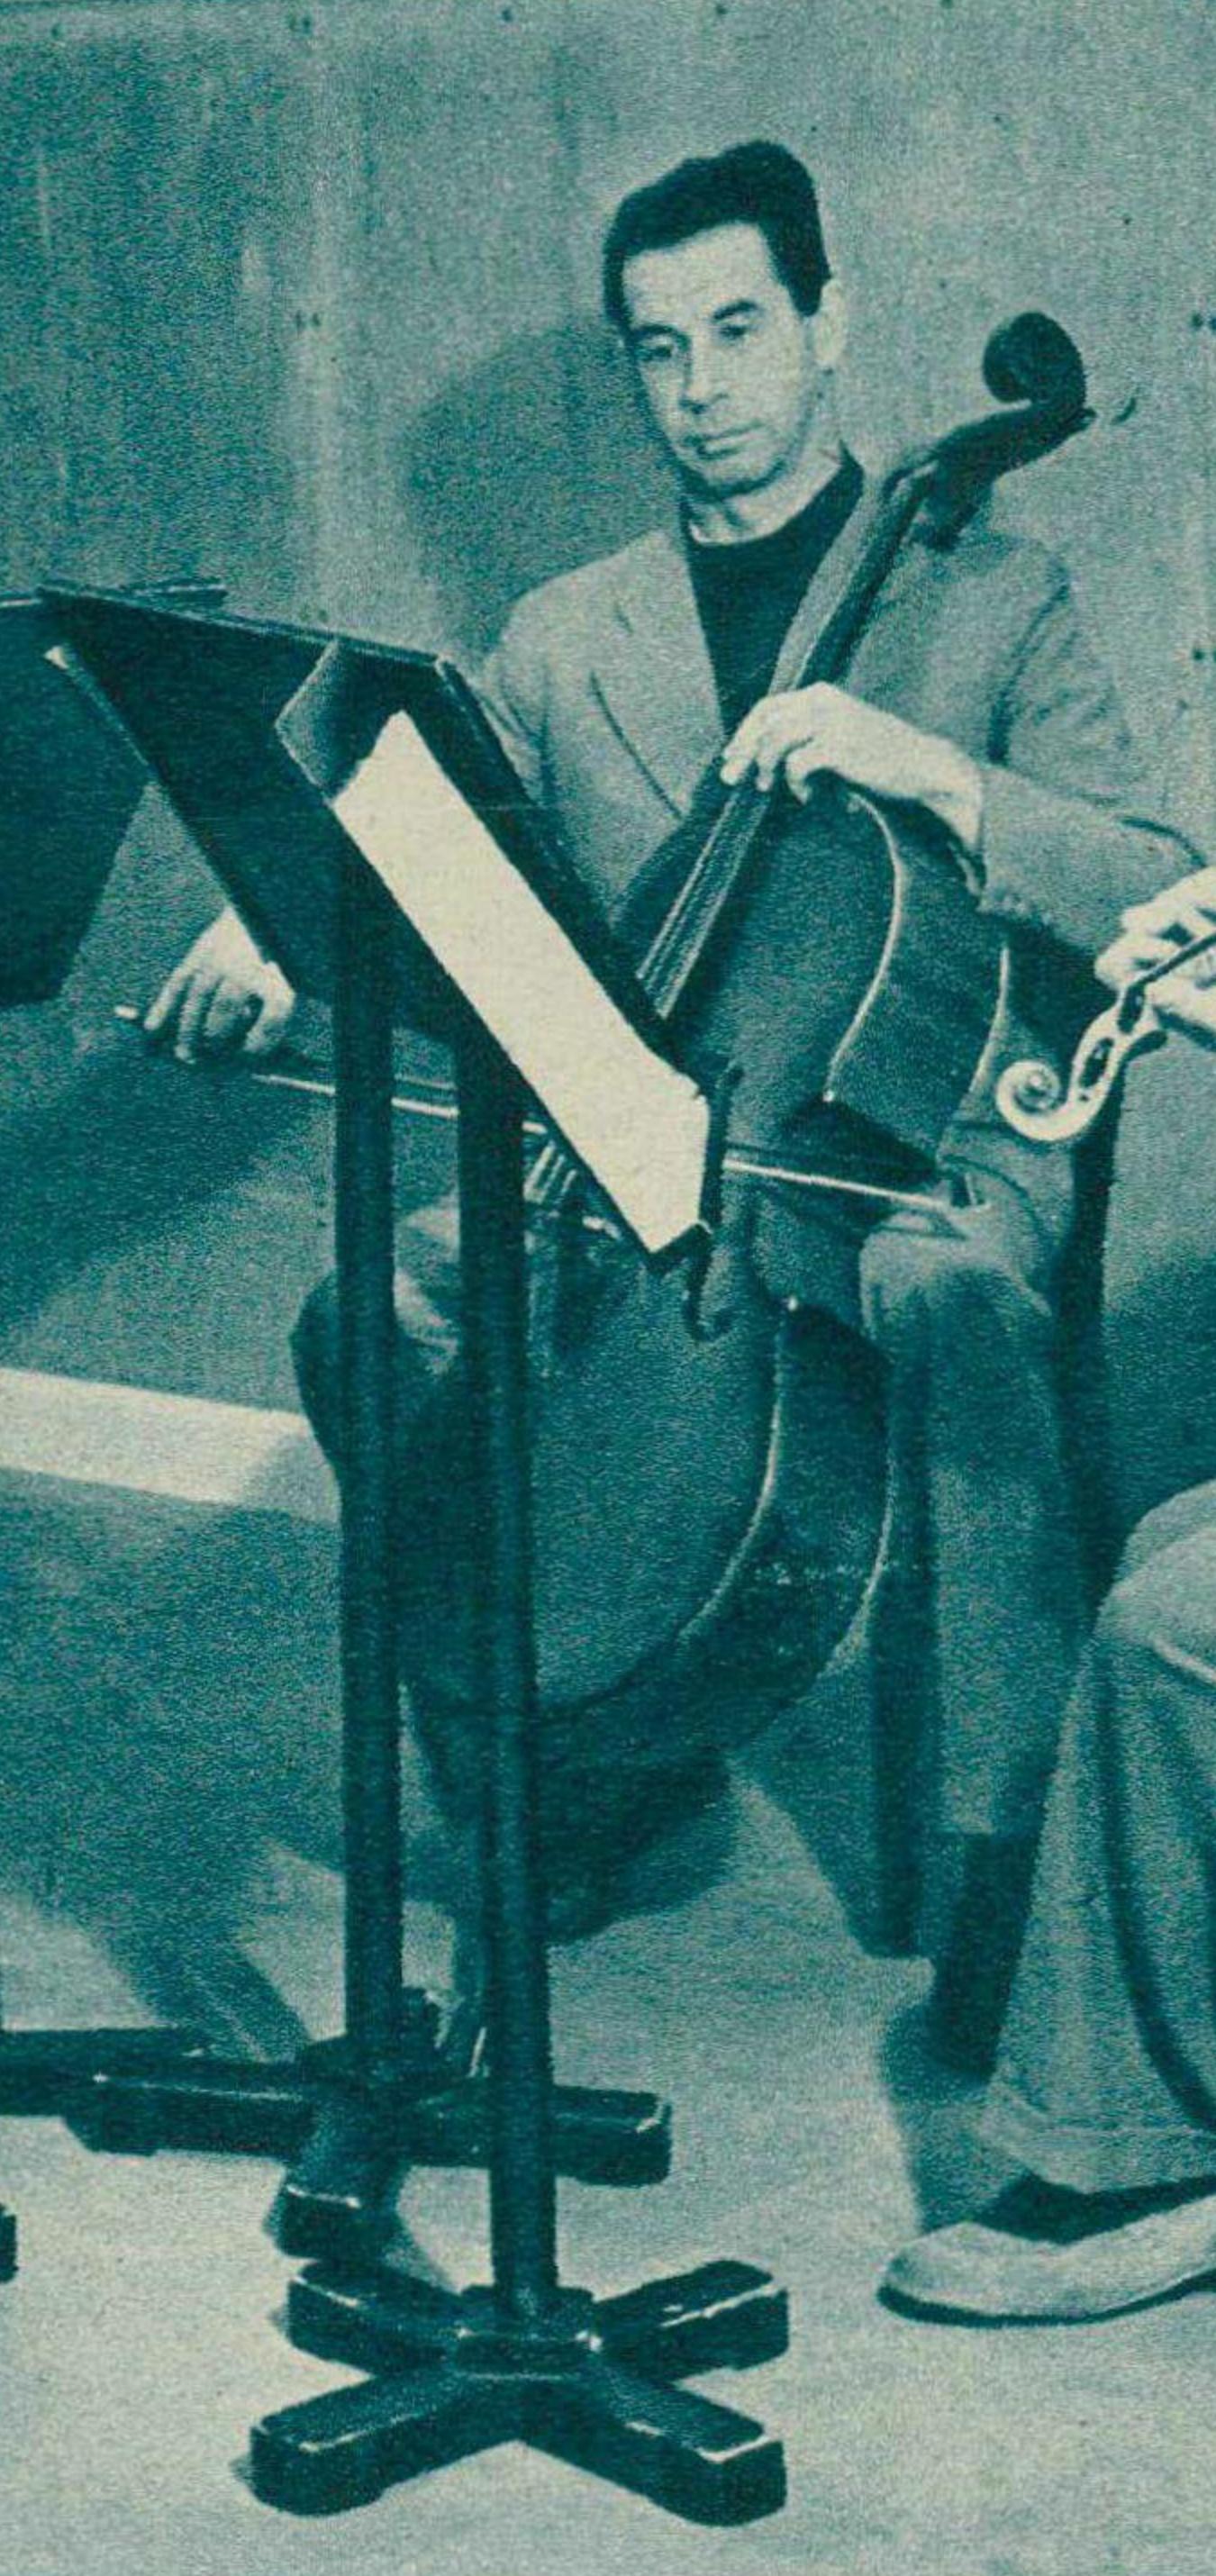 Henri HONEGGER en 1947, cliquer pour voir un agrandissement